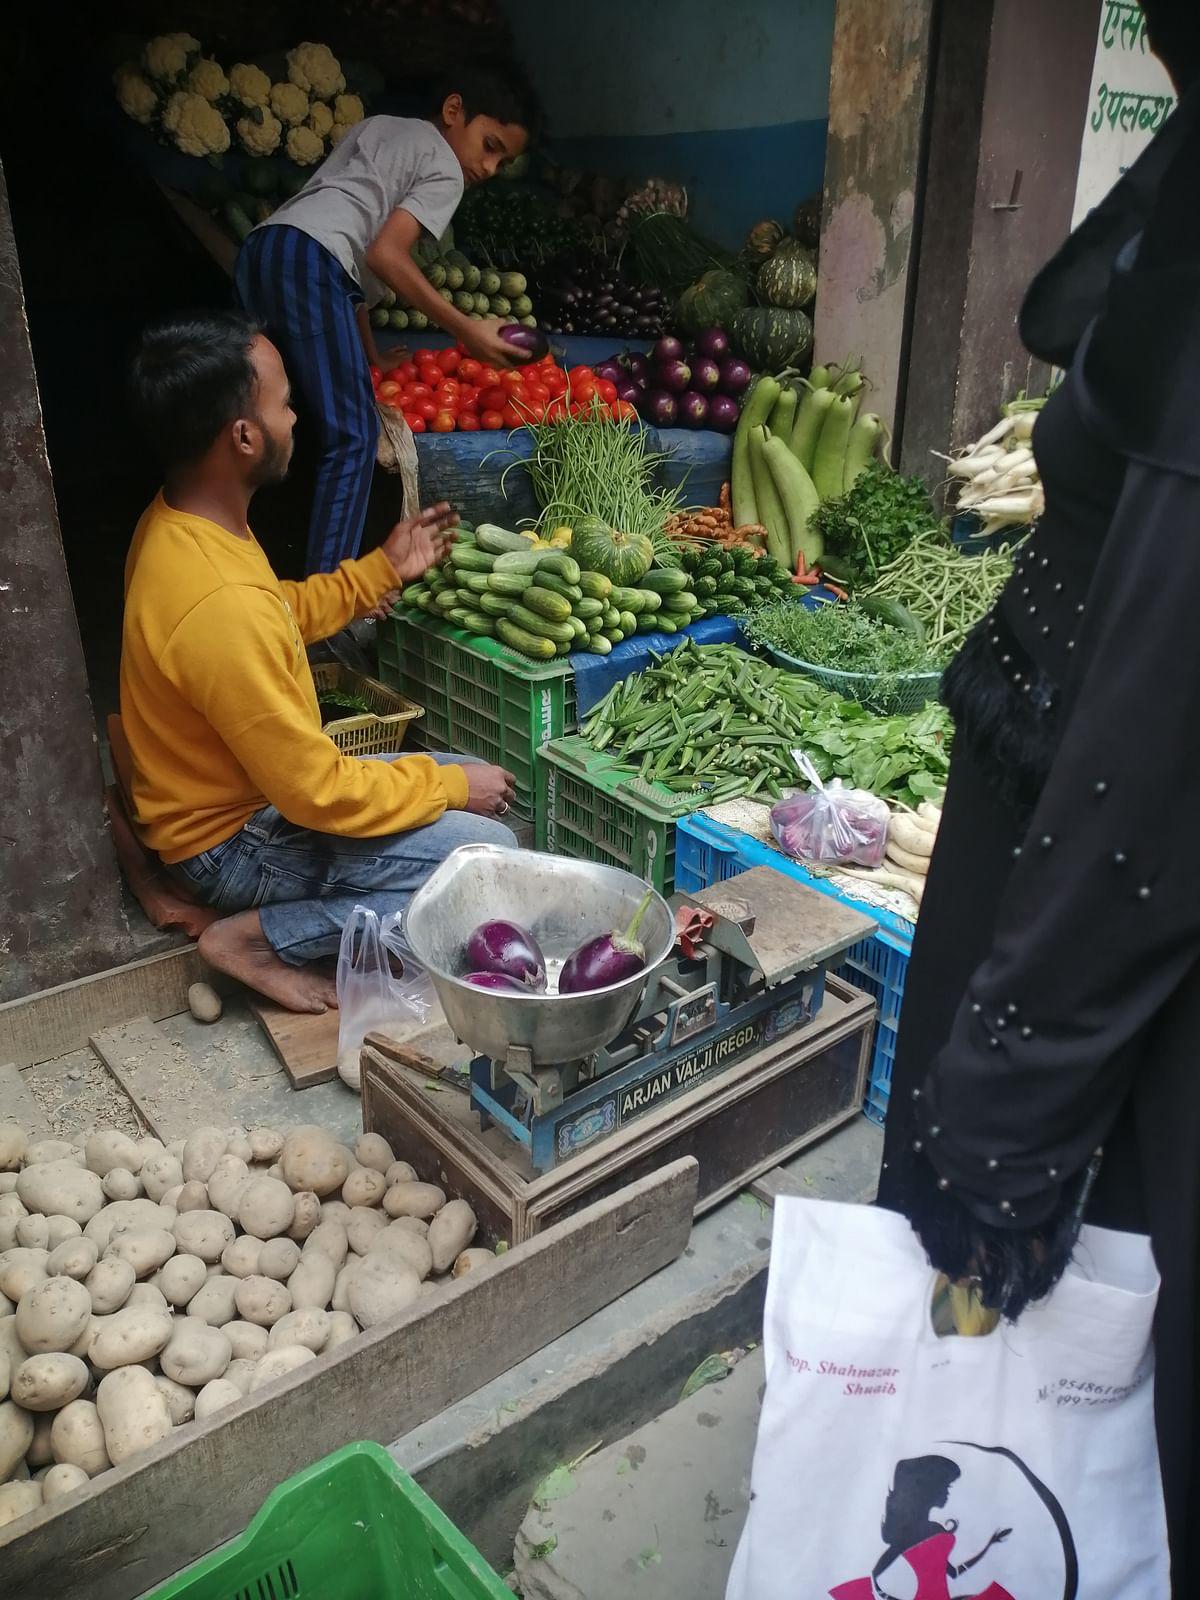 گراؤنڈ رپورٹ: 'بوالی' ہو گئیں بازار میں سبزی کی قیمتیں، بن رہے مار پیٹ جیسے حالات